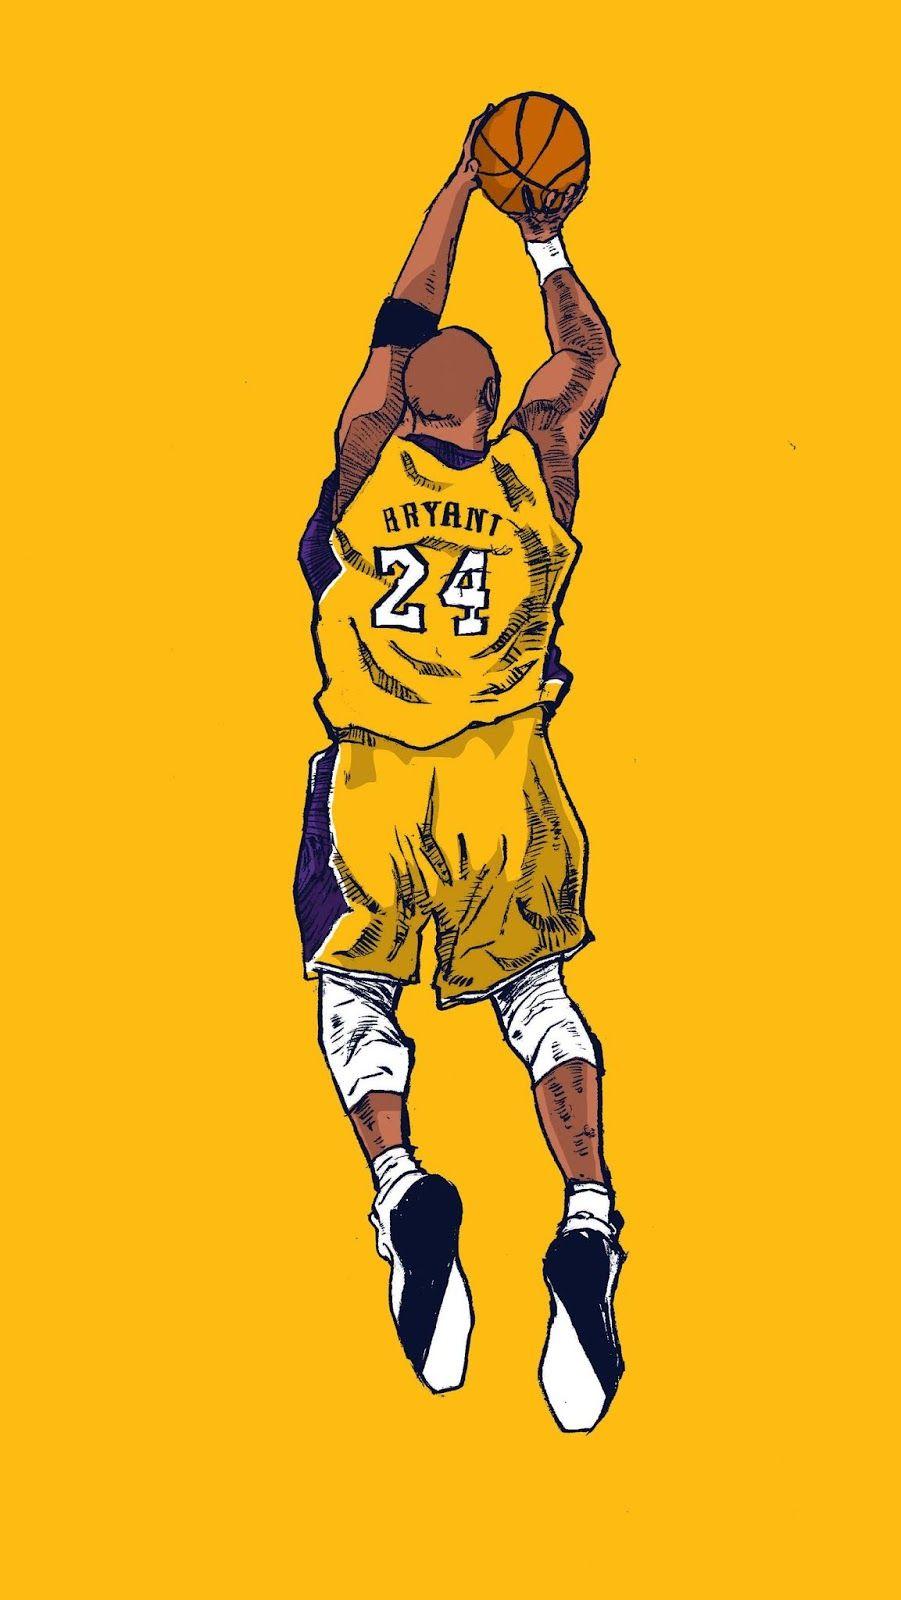 Kobe Bryant Black Mamba Wallpaper Yellow Kobe bryant wallpaper 901x1600